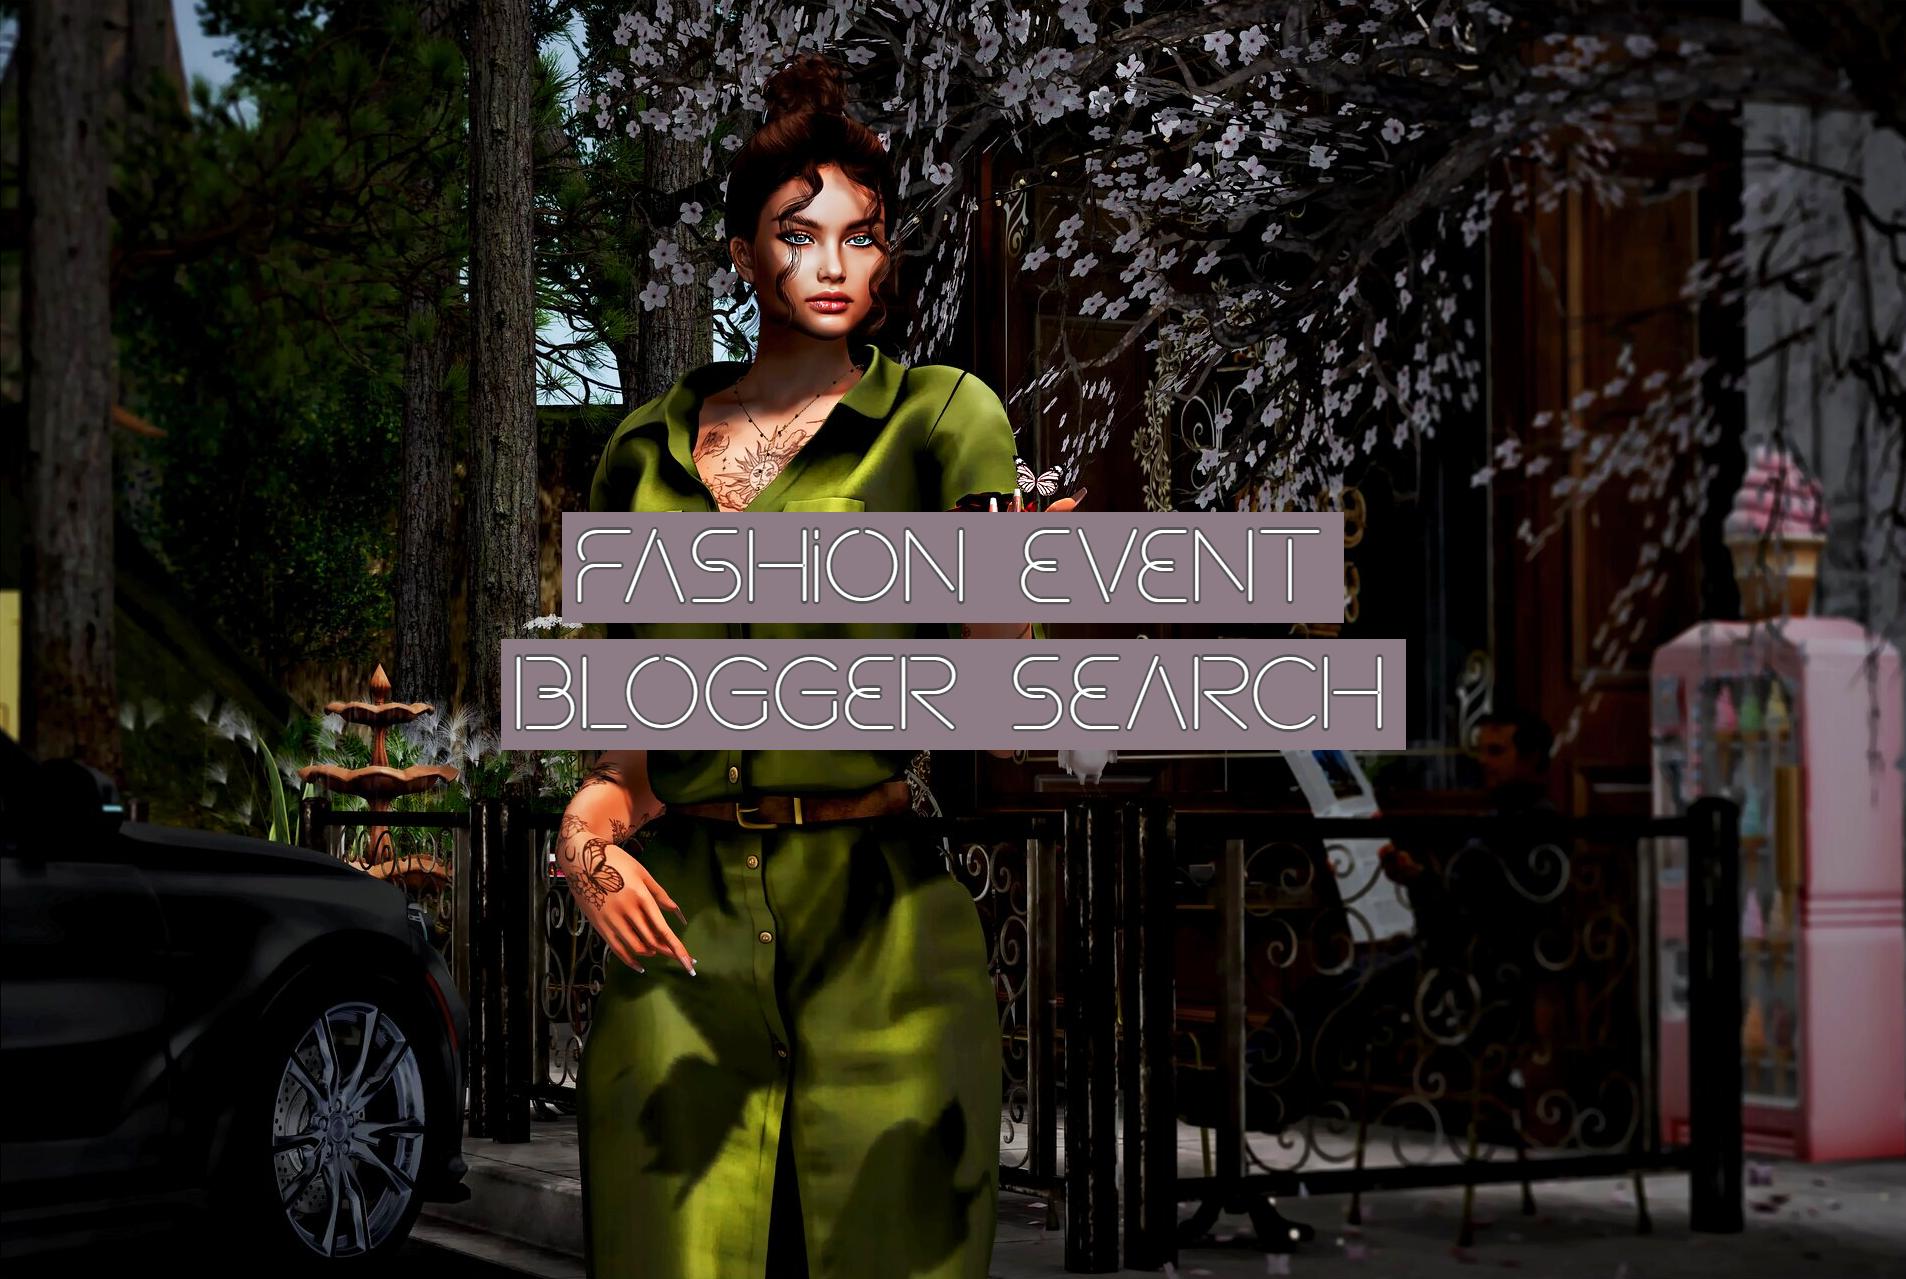 Fashion Events Blogger Search